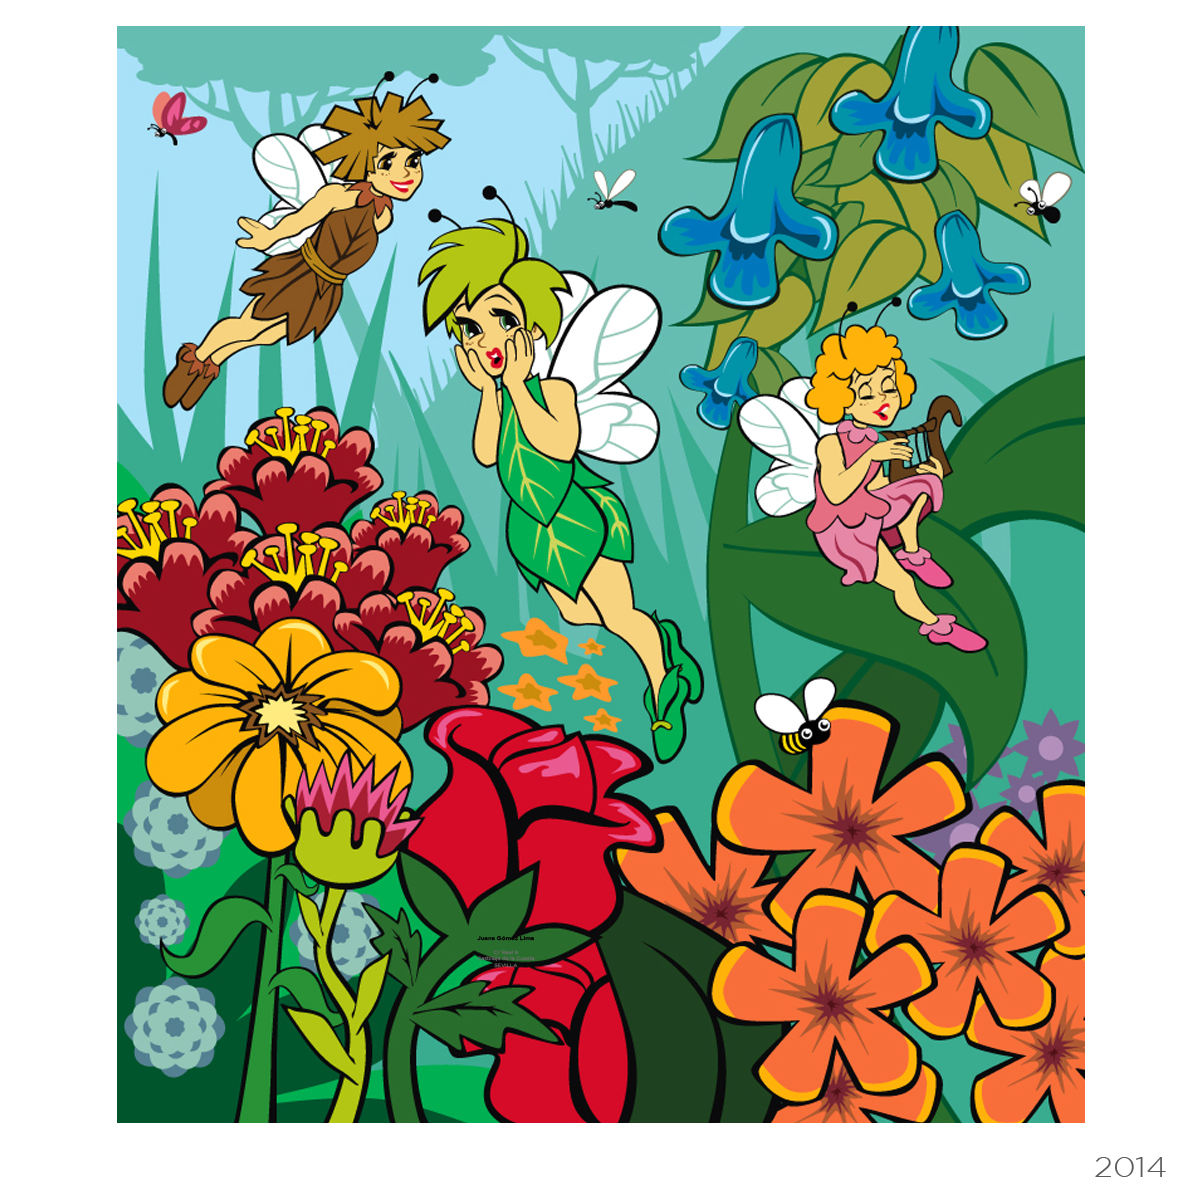 Ilustración juegos infantiles